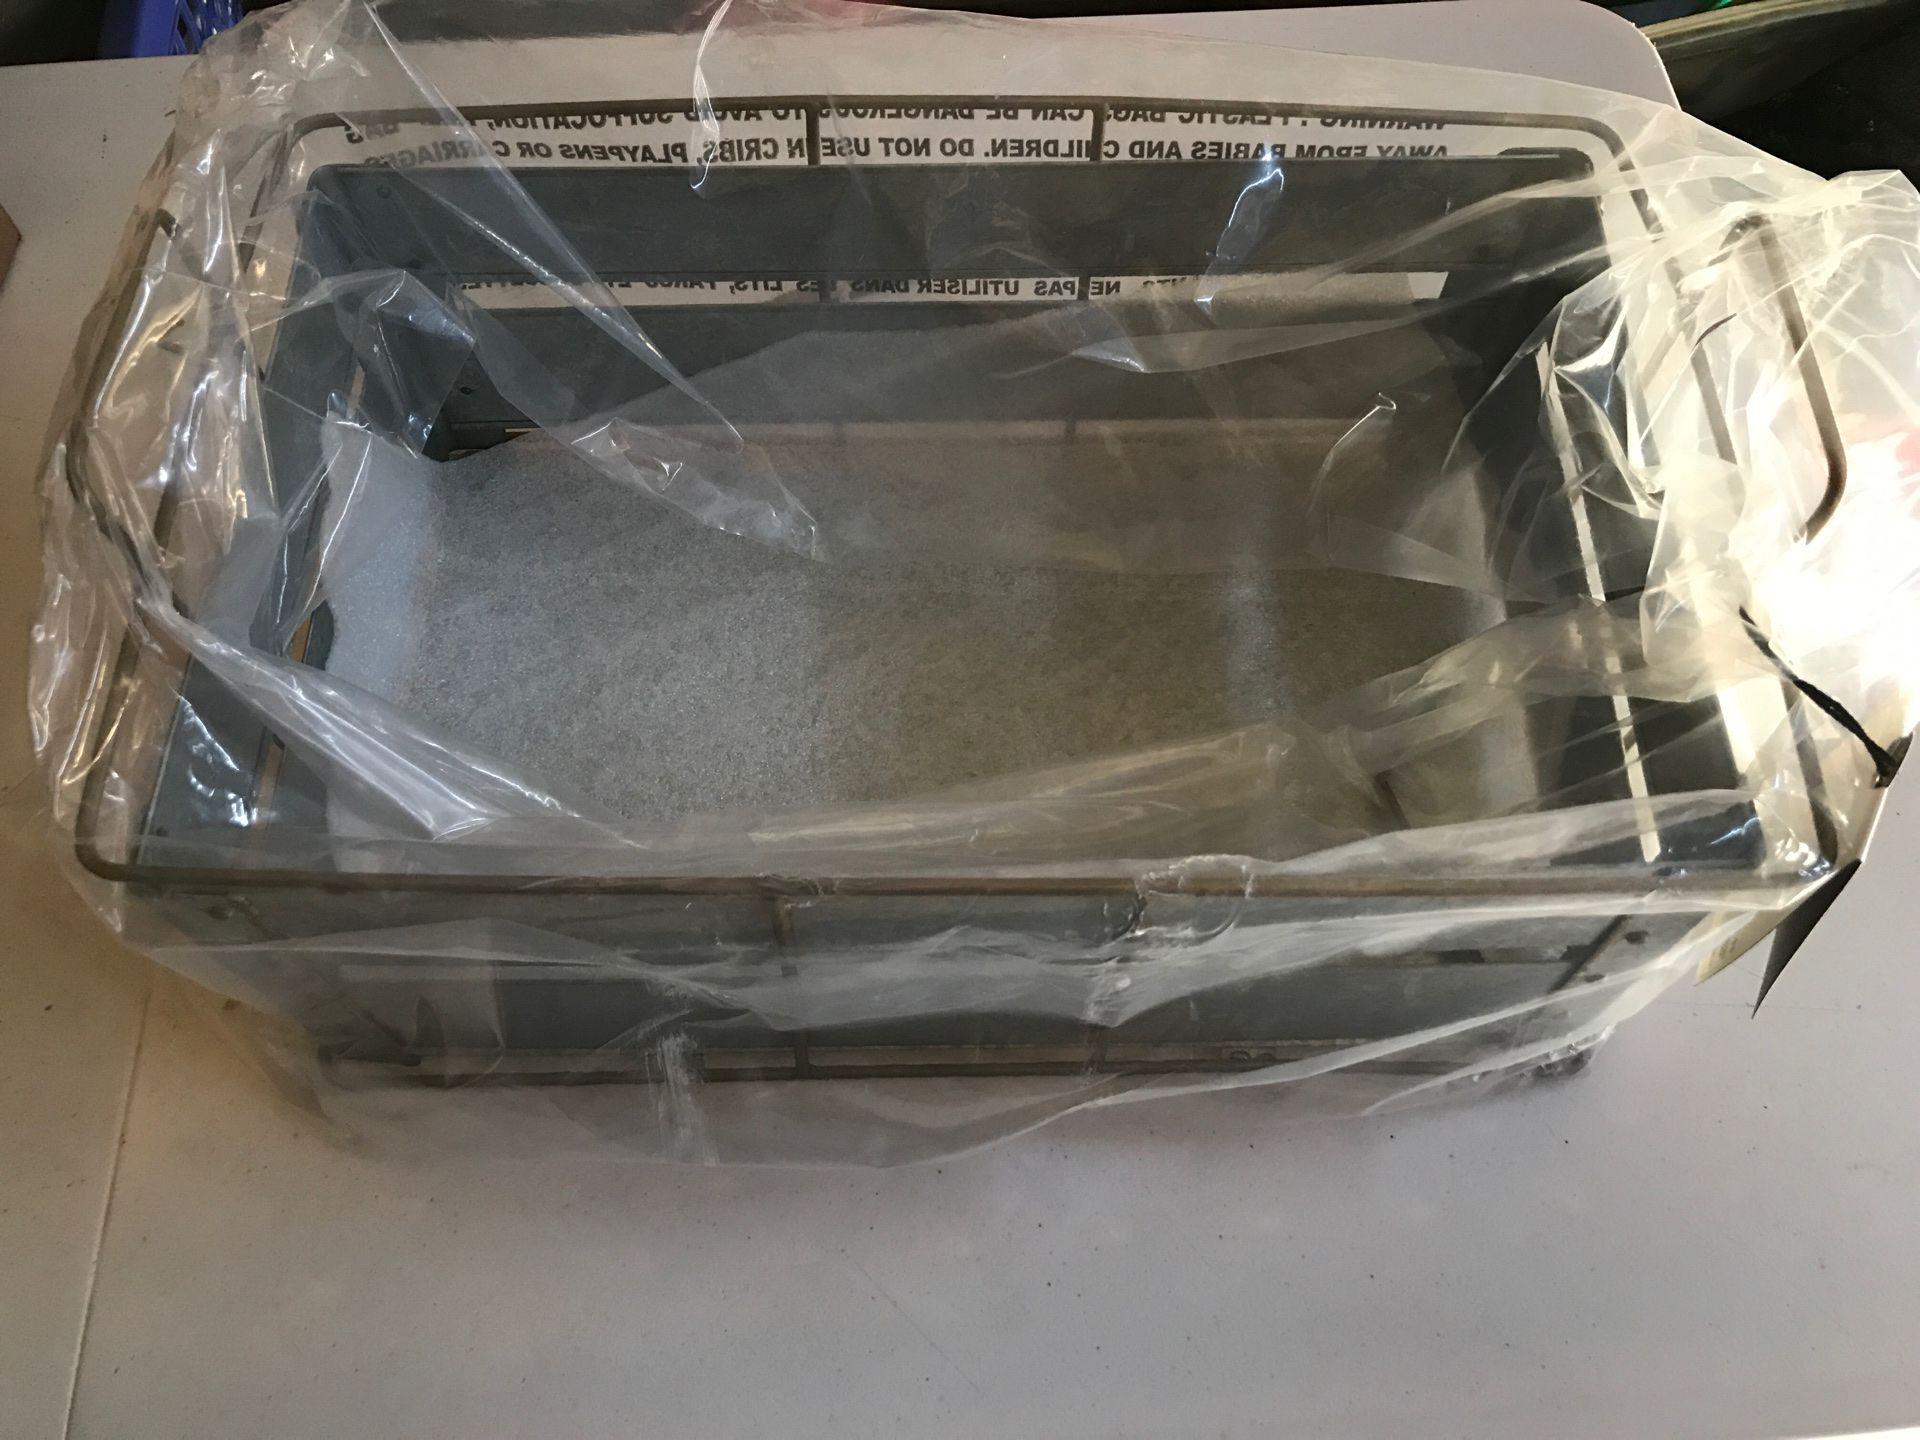 Storage bin galvanized metal